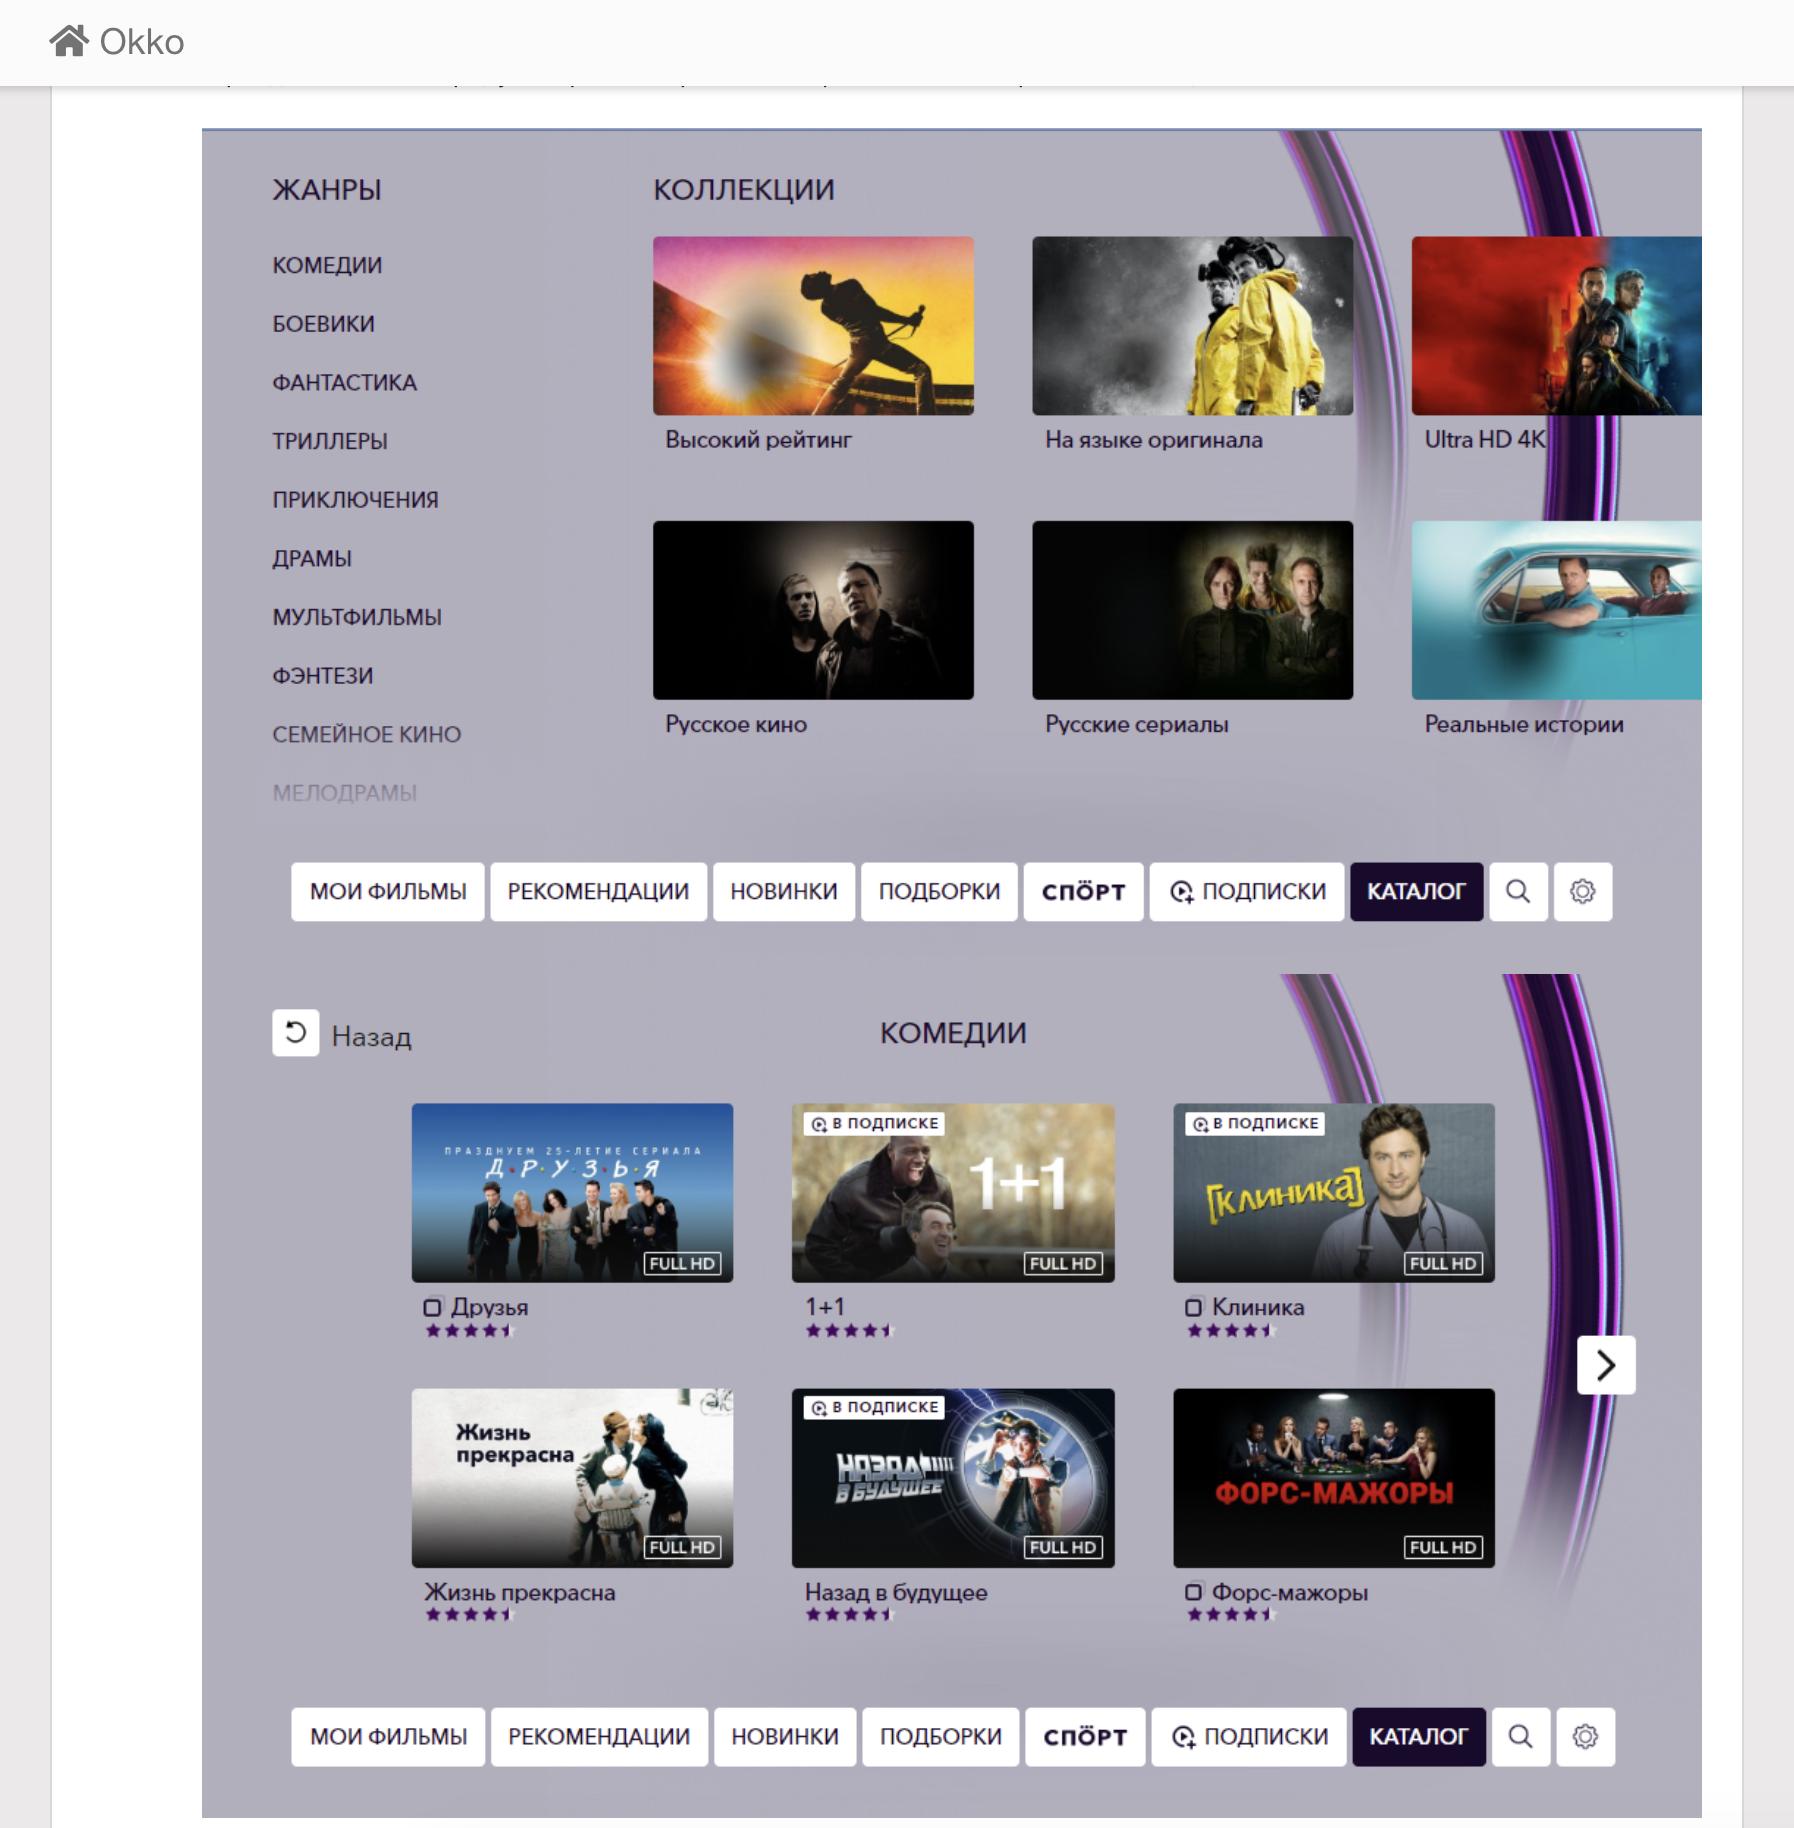 приложение окко для Playstation 5, Playstation 4